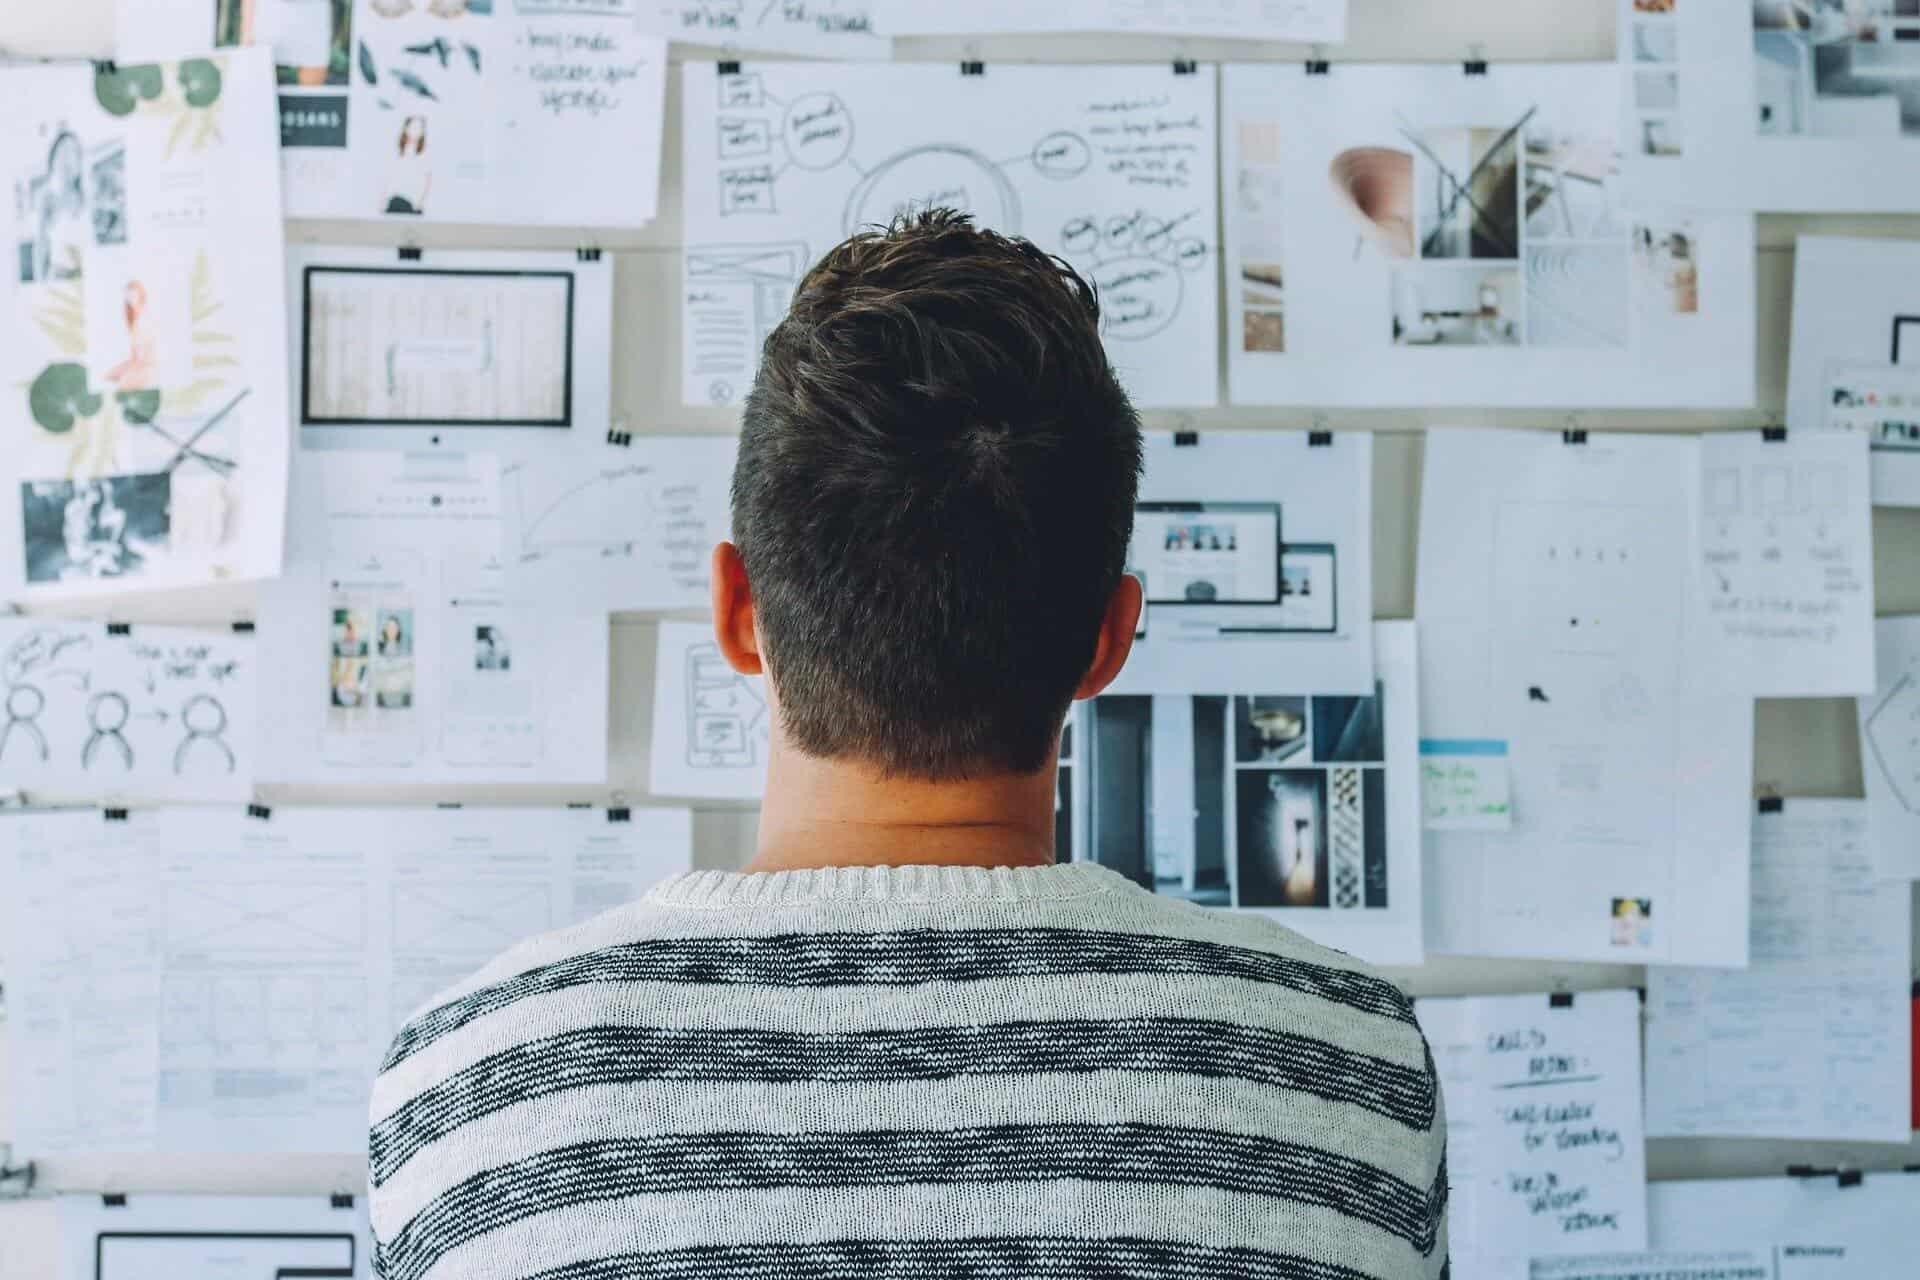 desarrolla una mente agil y motivadora que significa el espiritu emprendedor